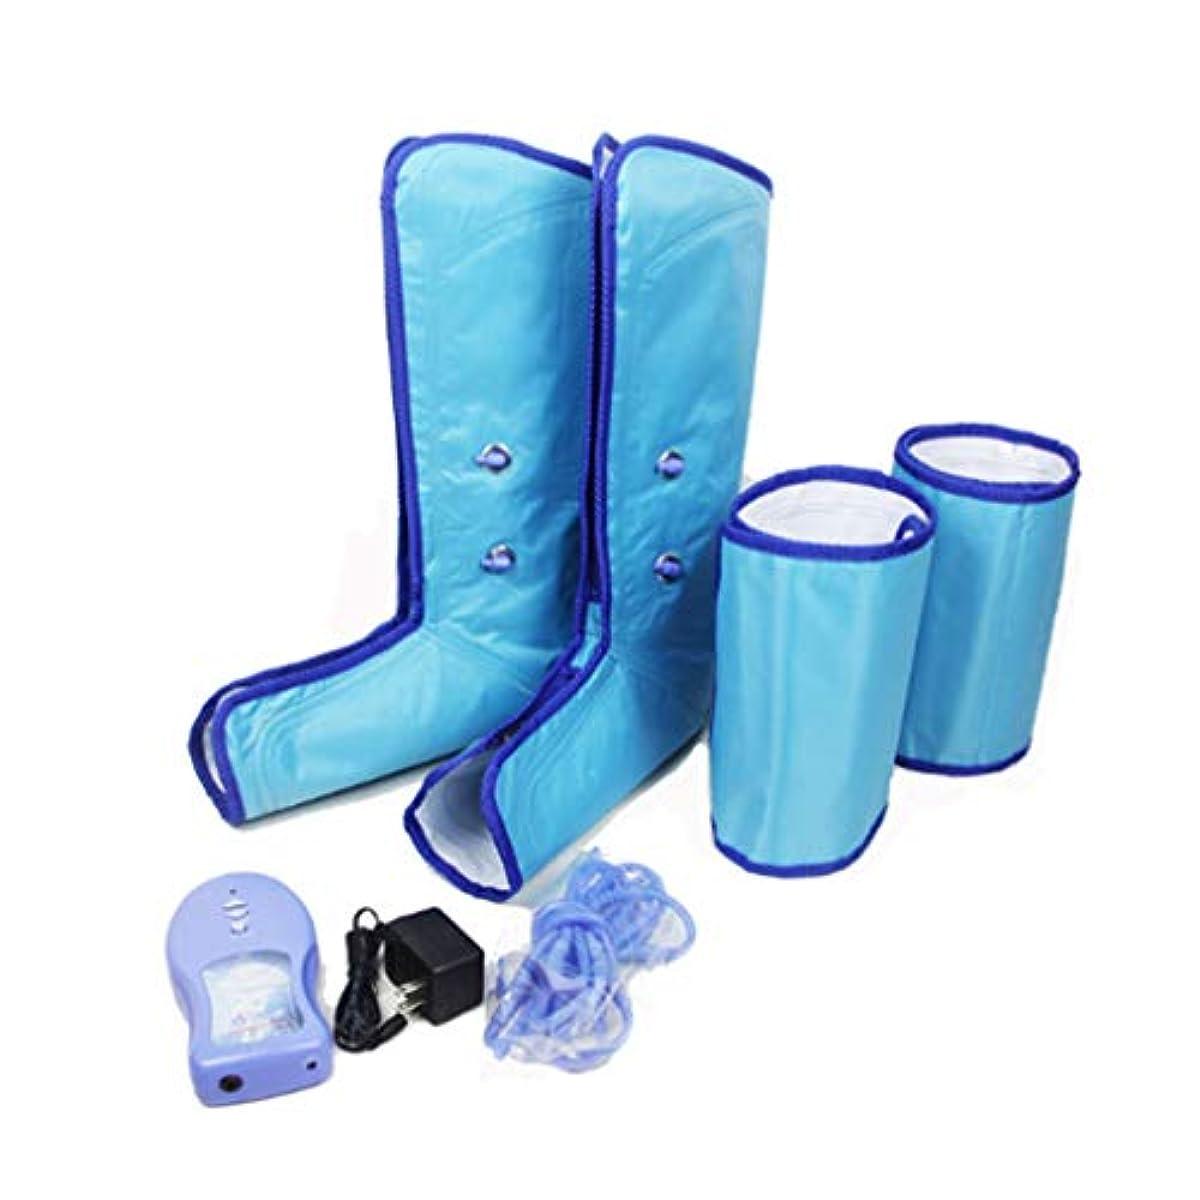 ゼロ安らぎテスト循環および筋肉苦痛救助のための空気圧縮の足覆いのマッサージャー、足のふくらはぎおよび腿の循環のMassagetherapyの足の暖かい人